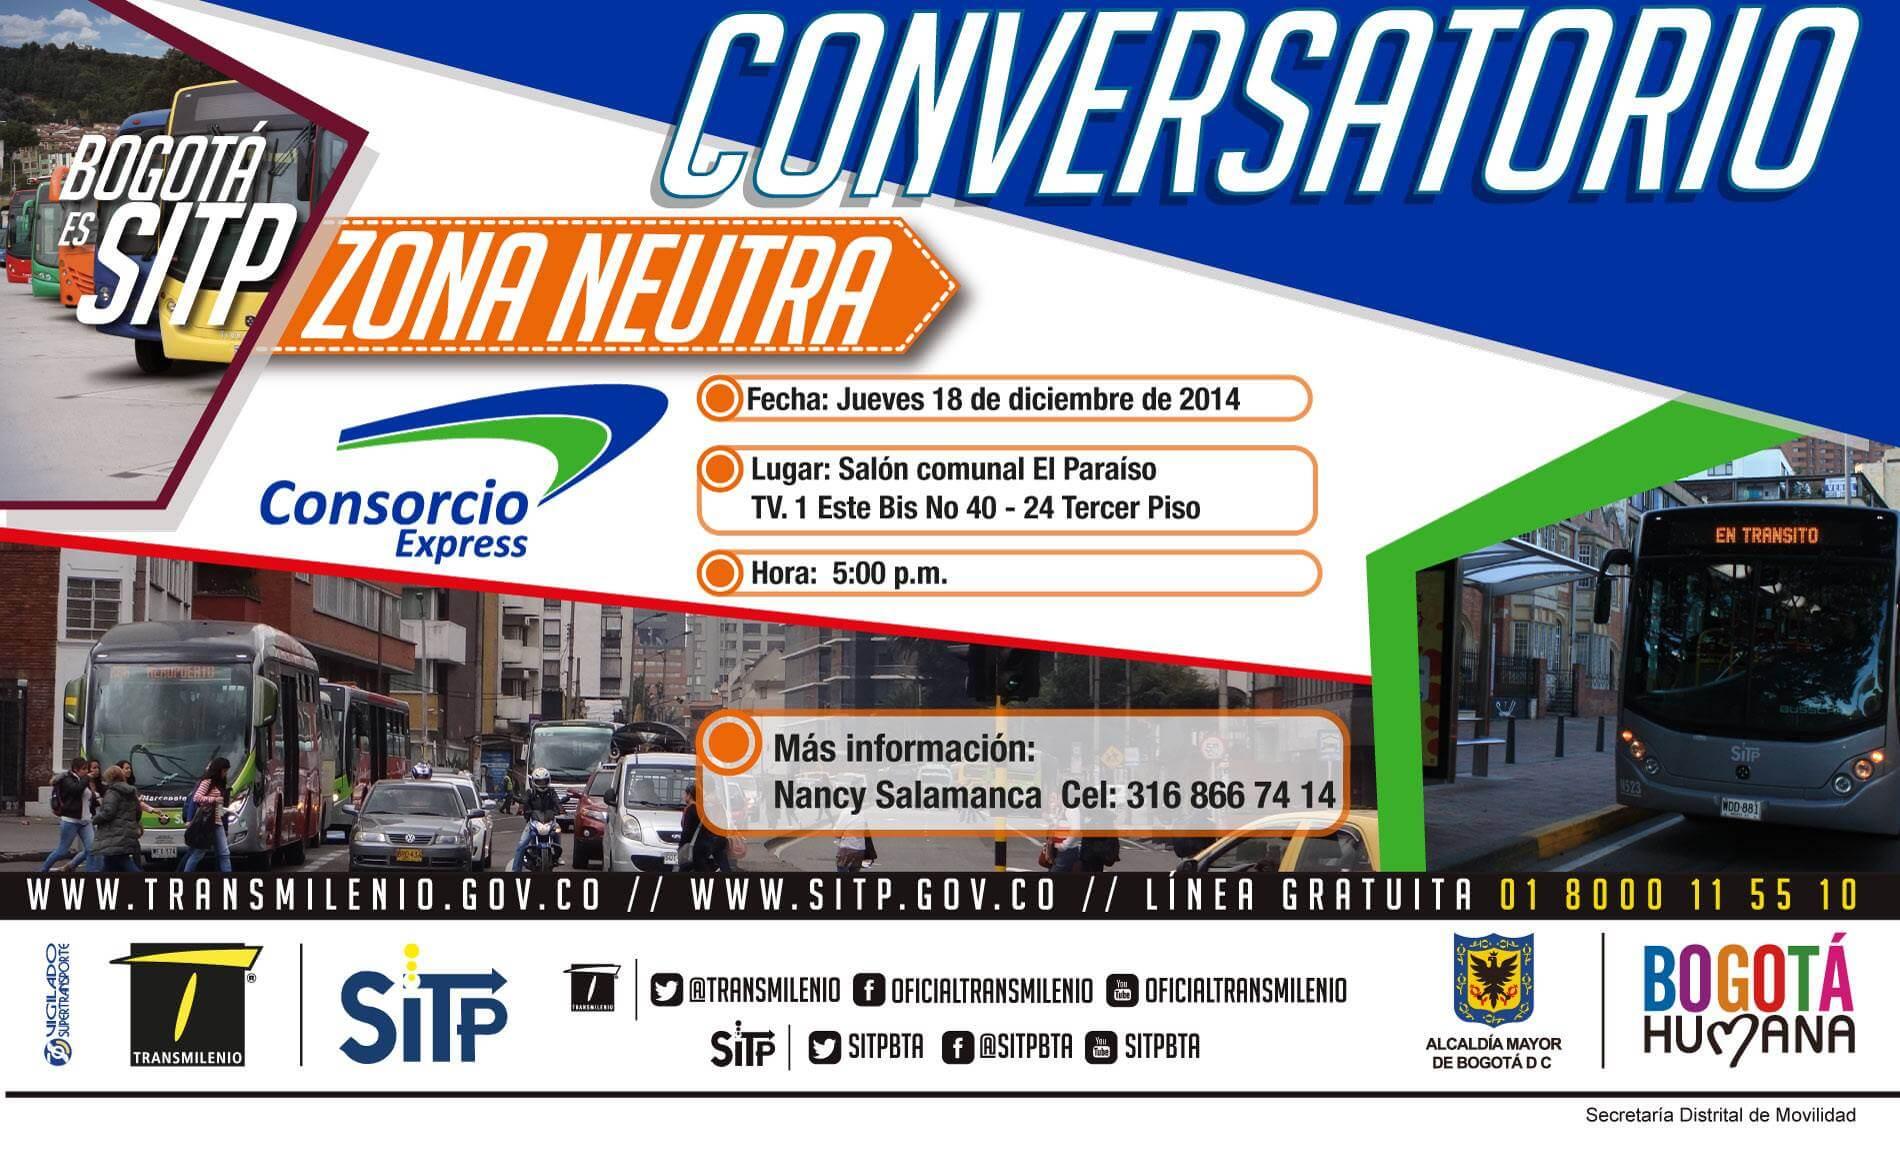 conversatorio-Zona-Neutra__Consorcio-Express_opt